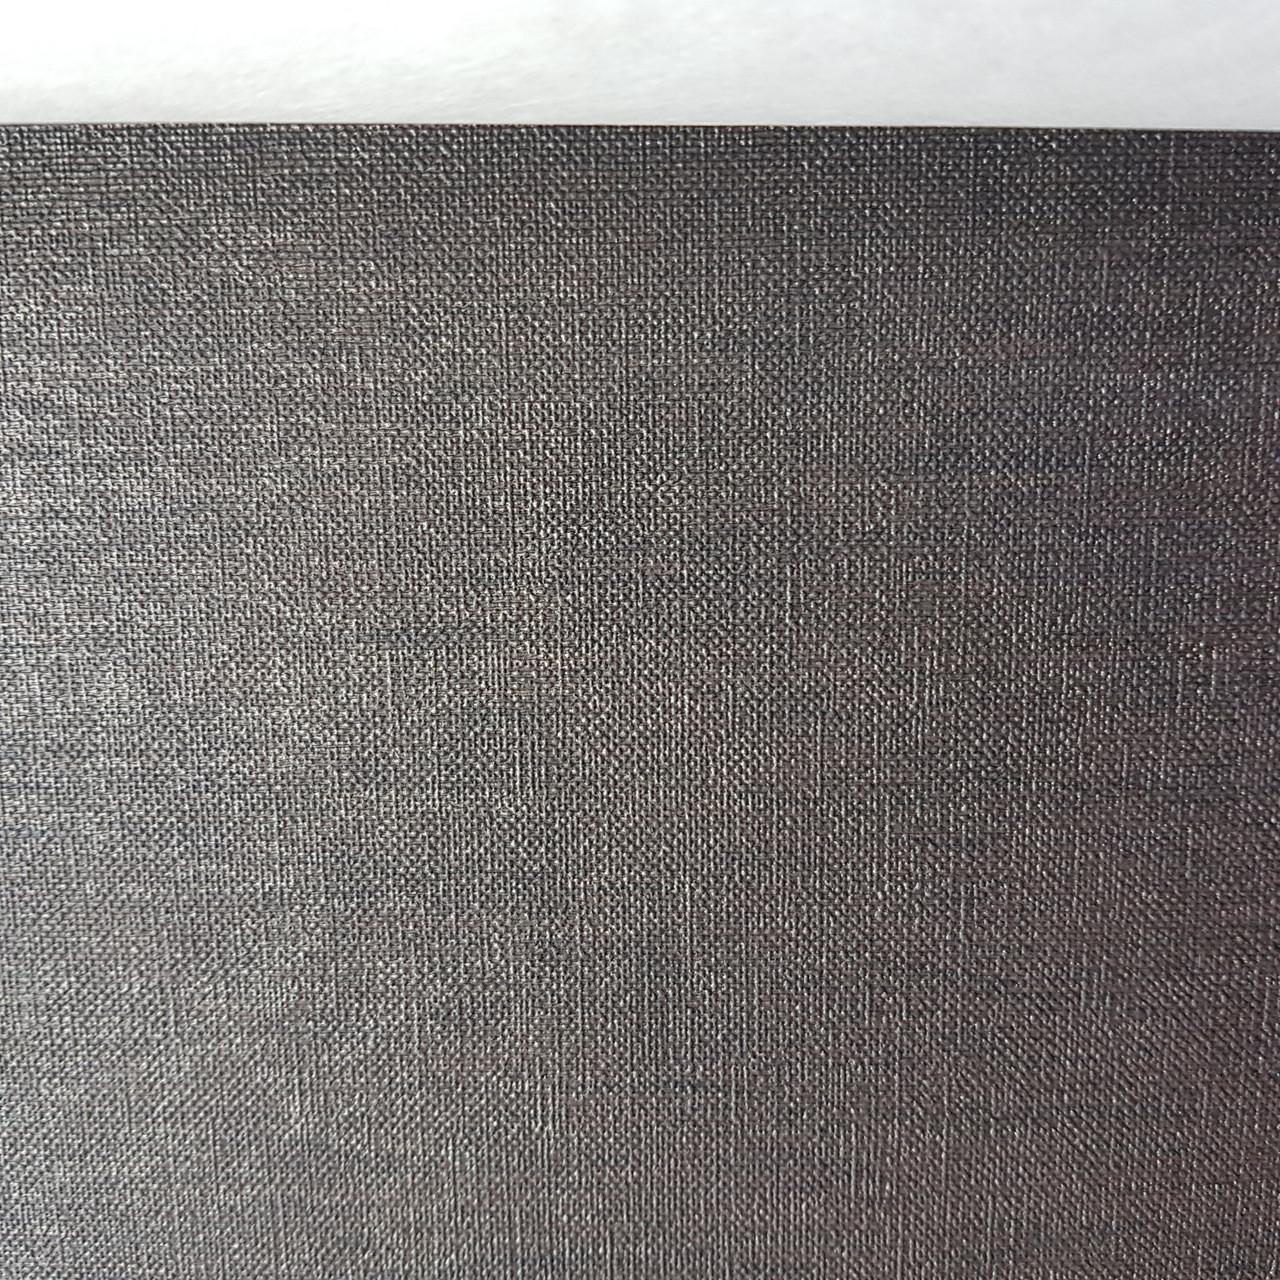 Шпалери вінілові на флізелін BN International Color Stories II 0.53x10 однотонні під старовину сині